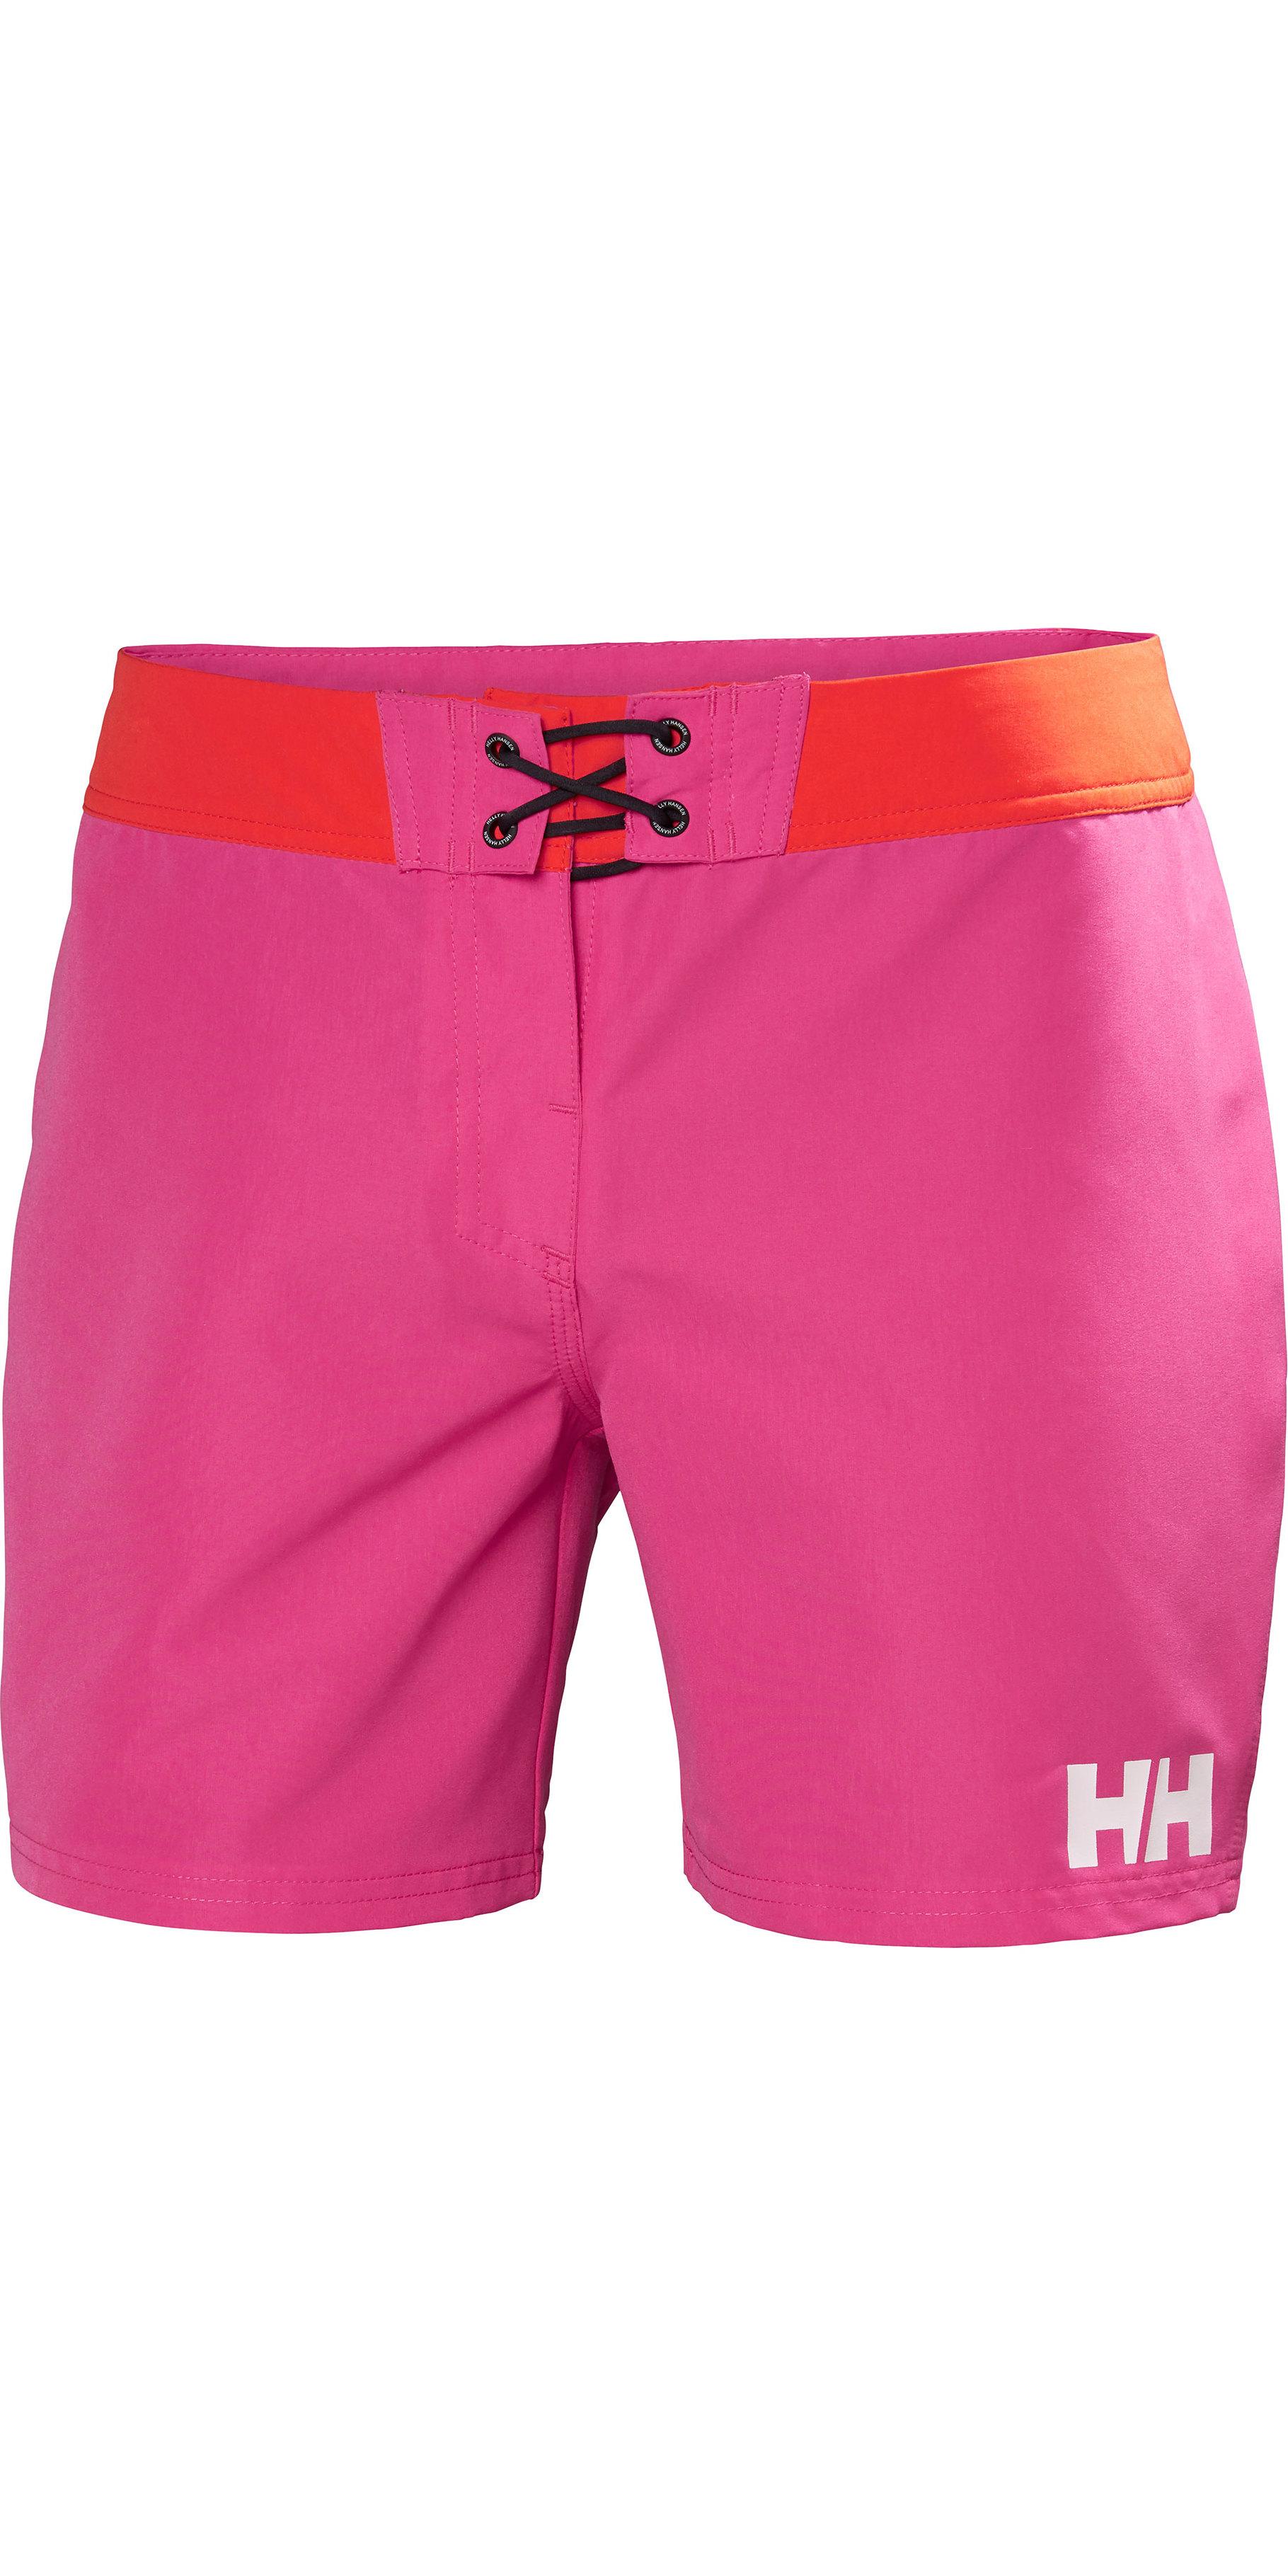 goedkoop te koop geweldige selectie officieel 2019 Helly Hansen Womens HP 6